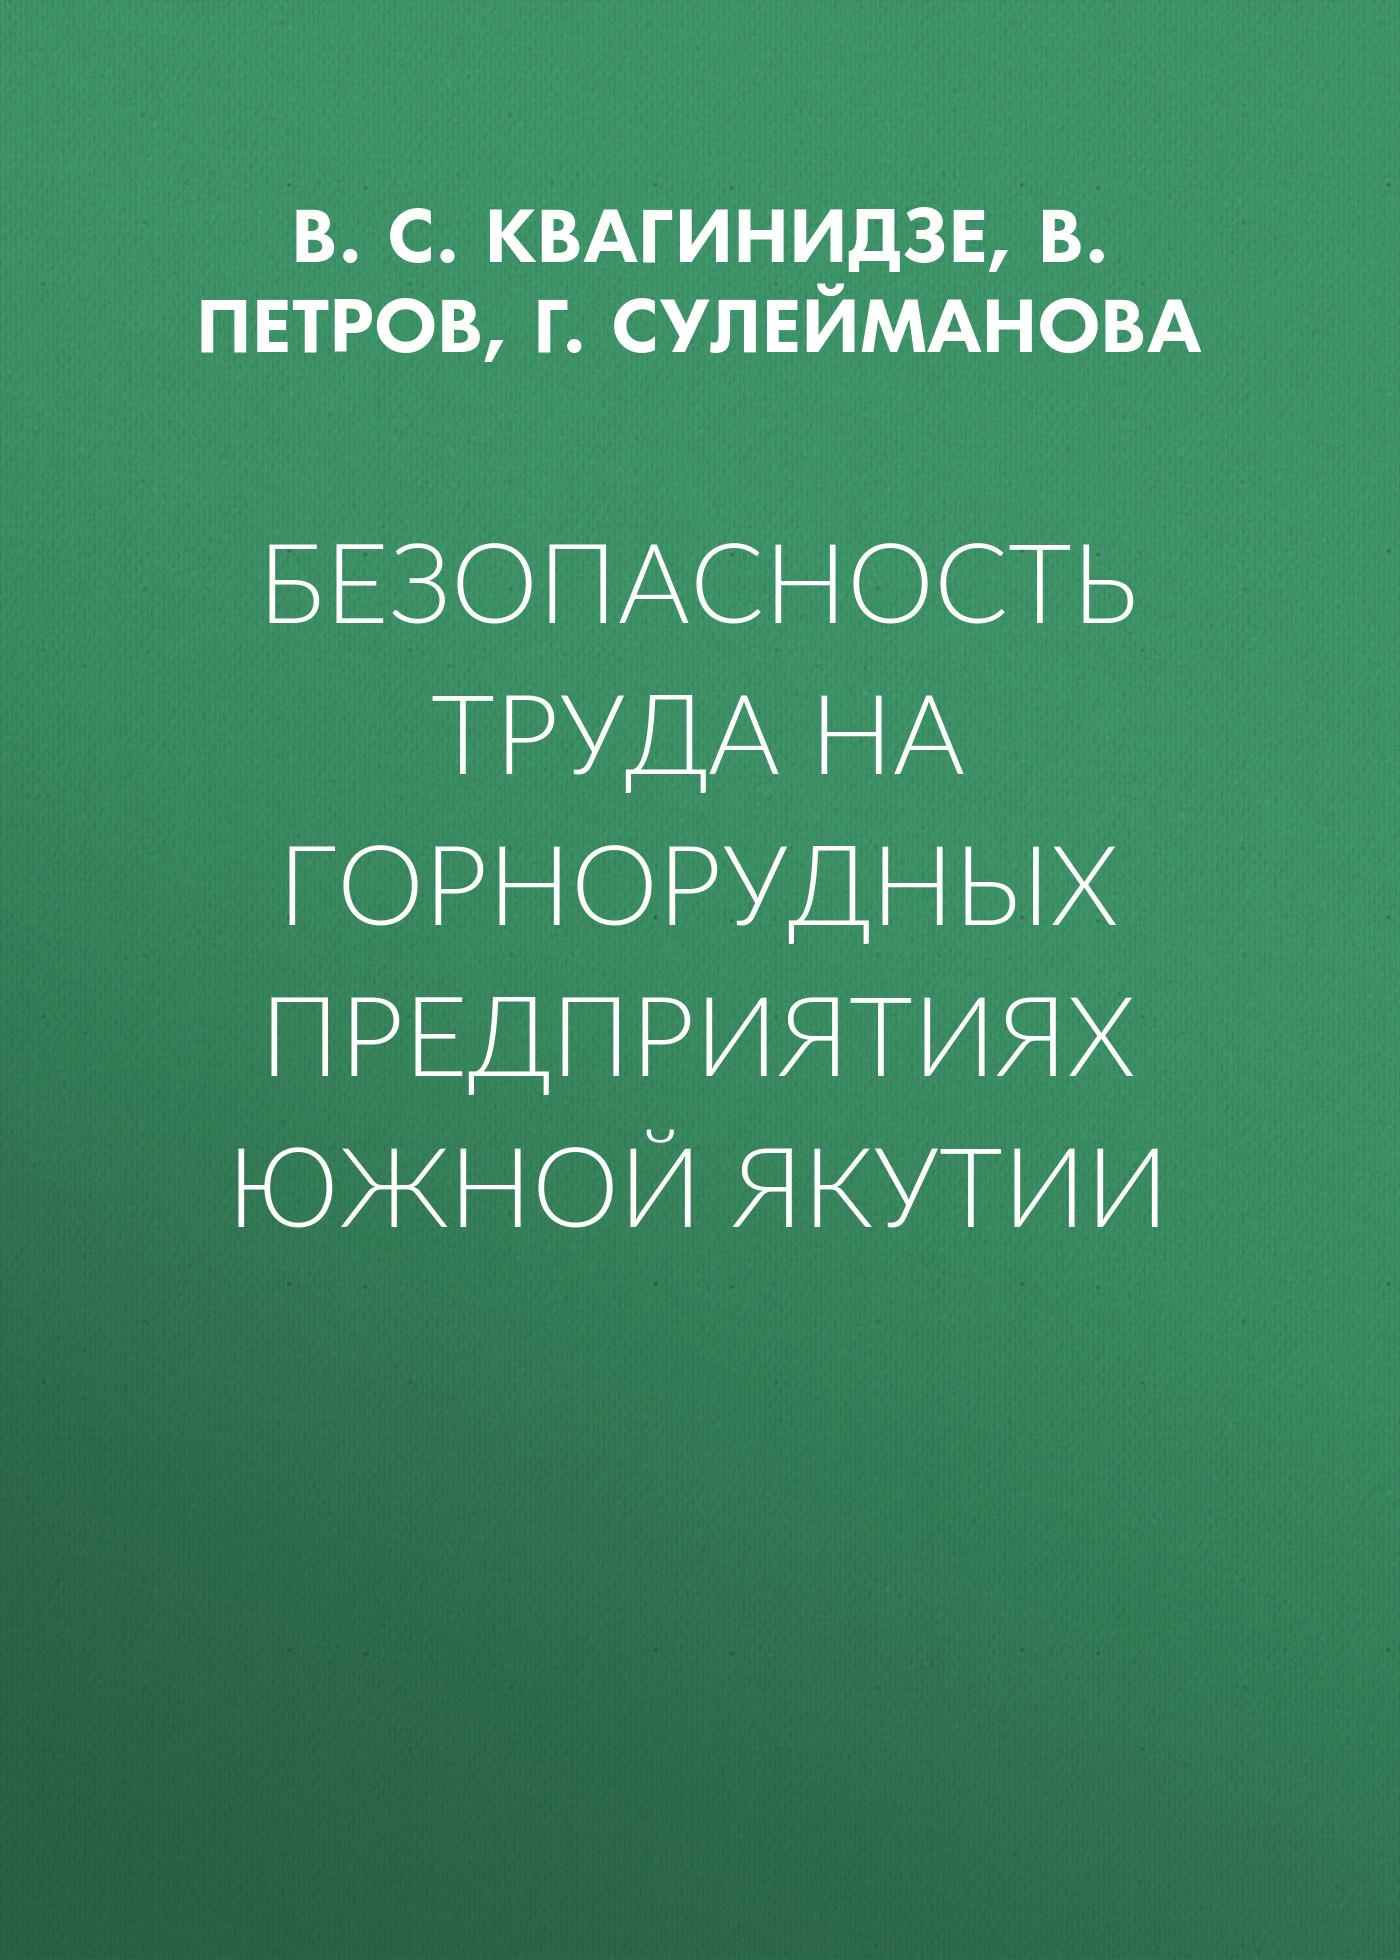 В. С. Квагинидзе Безопасность труда на горнорудных предприятиях Южной Якутии в с квагинидзе эксплуатация карьерного горного и транспортного оборудования в условиях севера